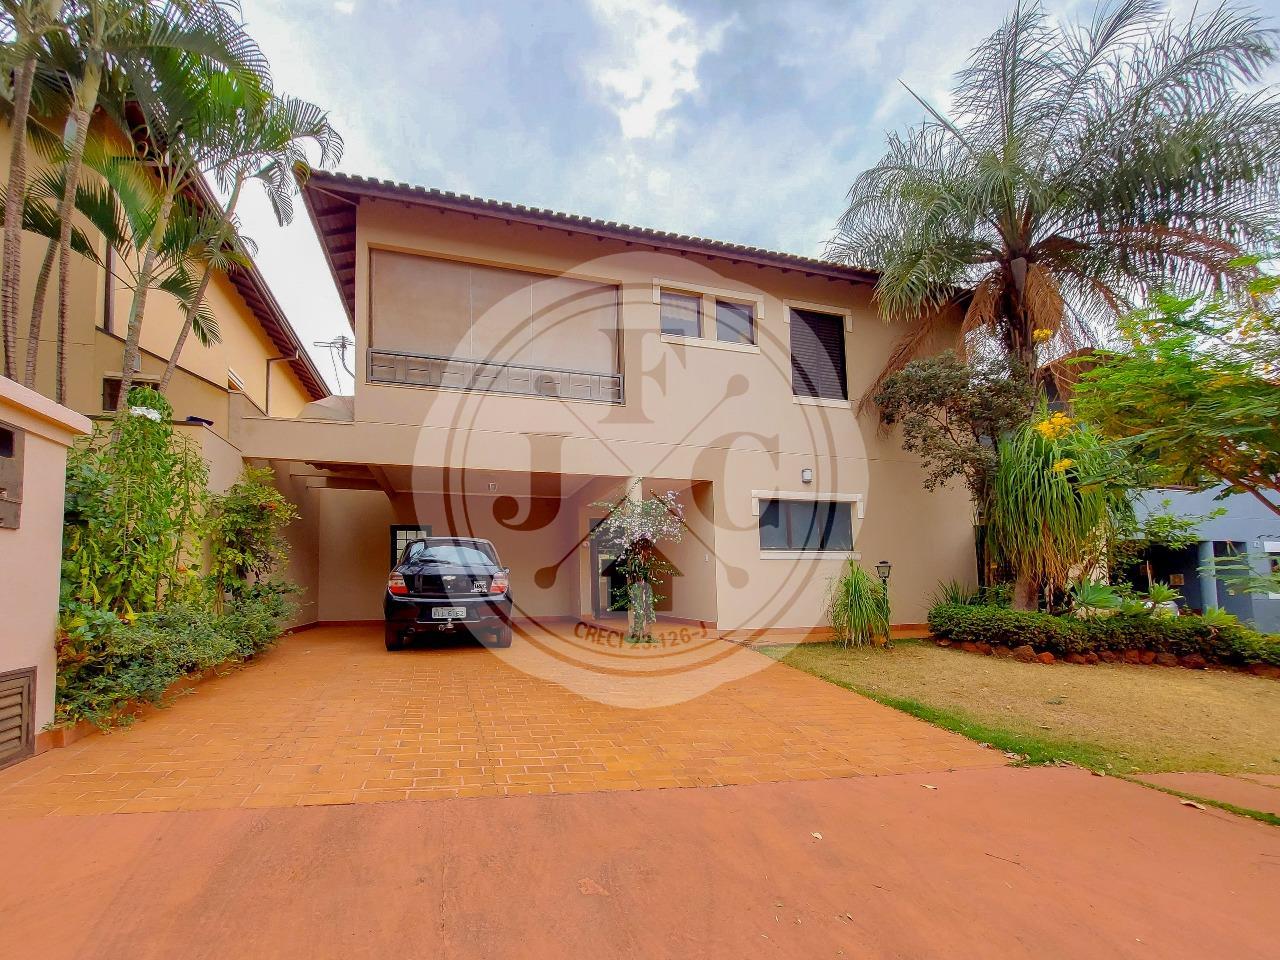 Casa em Condomínio à venda no Condomínio Santa Helena: Fachada